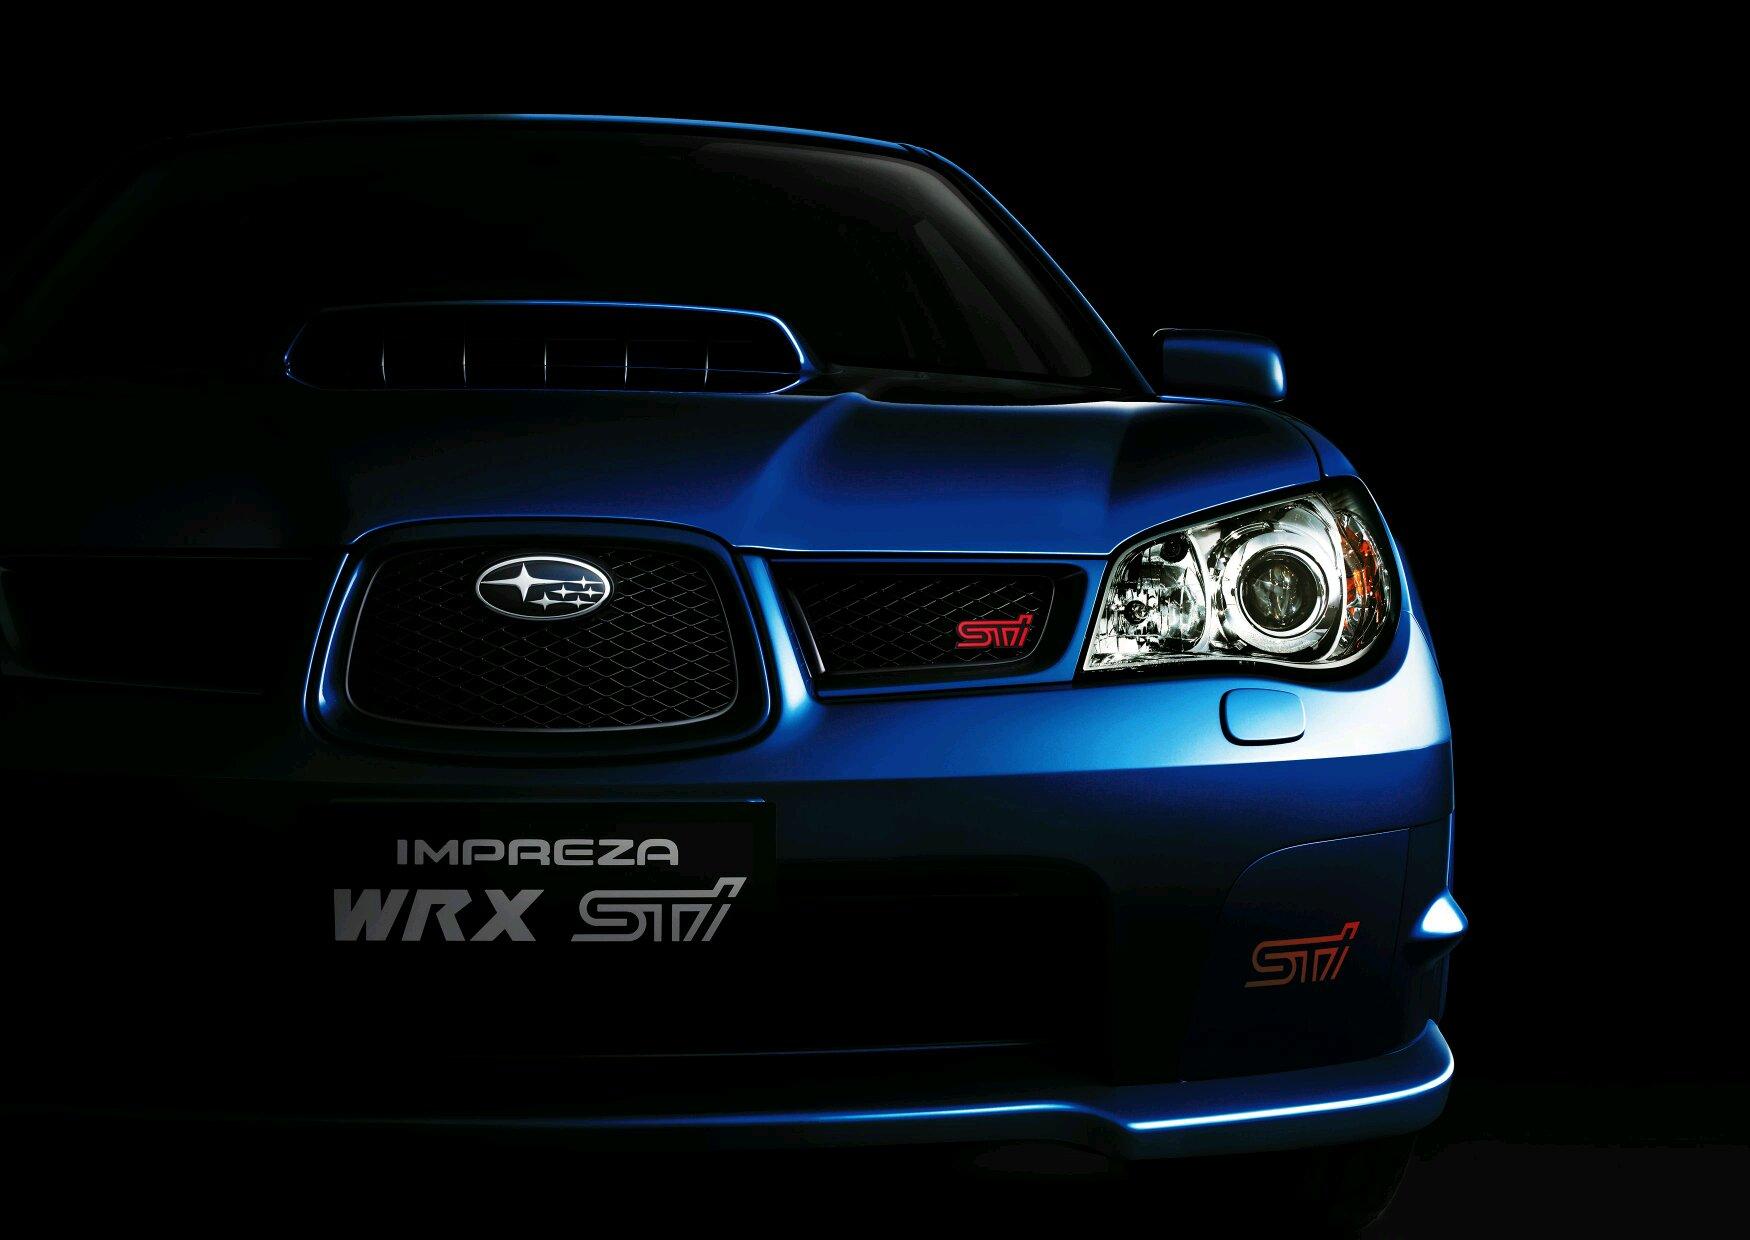 Best Bmw Car Wallpapers 4k Subaru Wallpaper